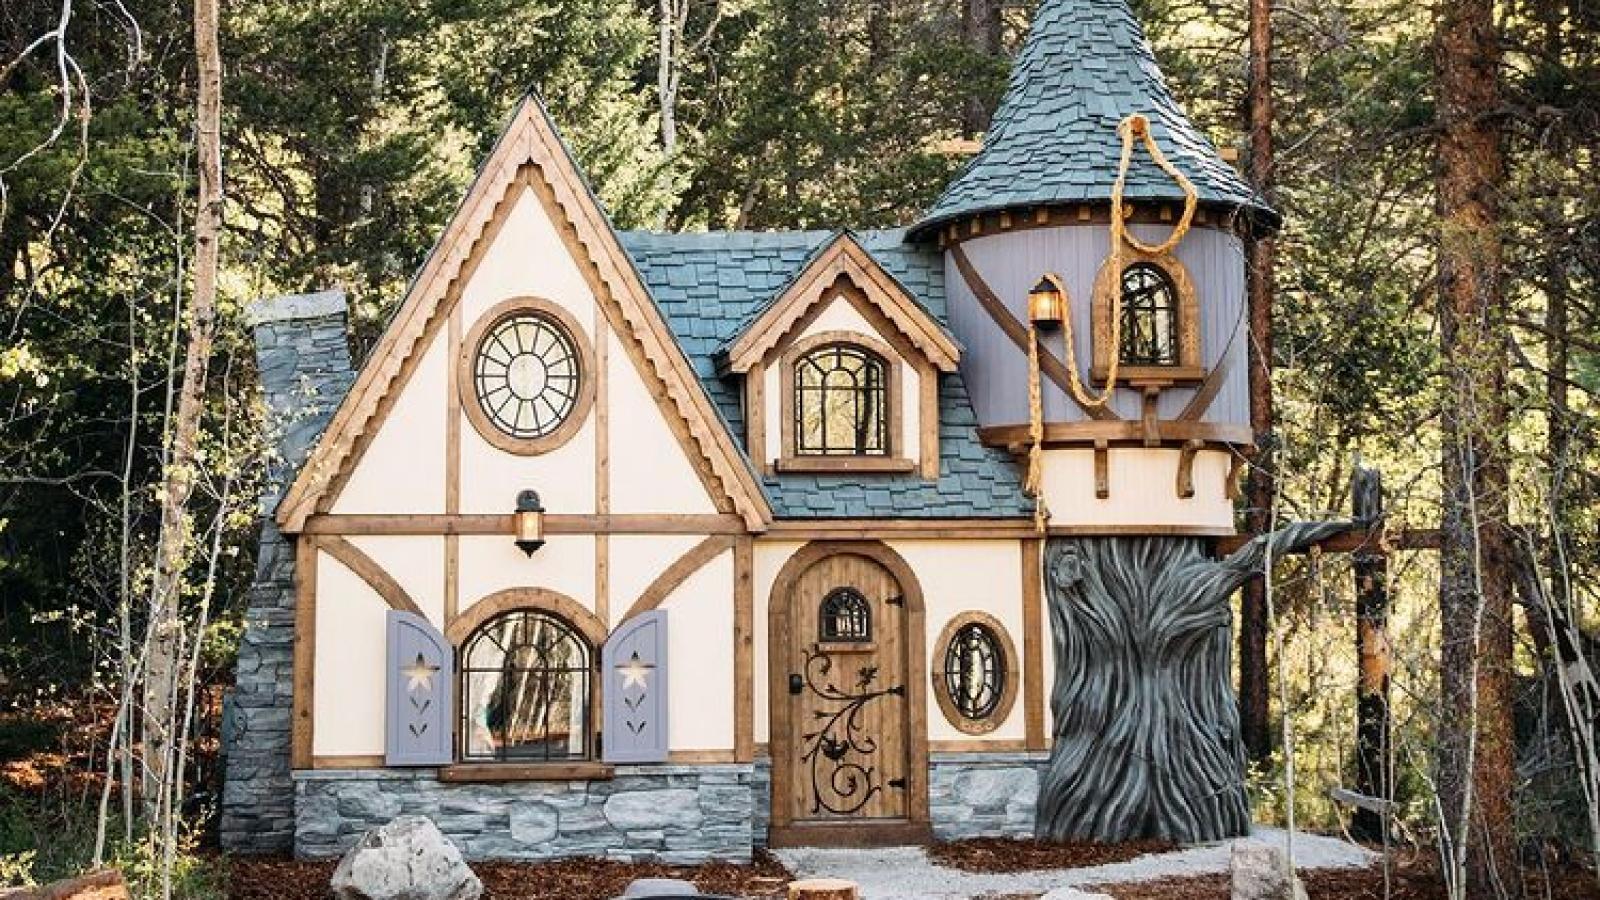 Ngôi nhà nhỏ đẹp như cổ tích nằm sâu trong khu rừng